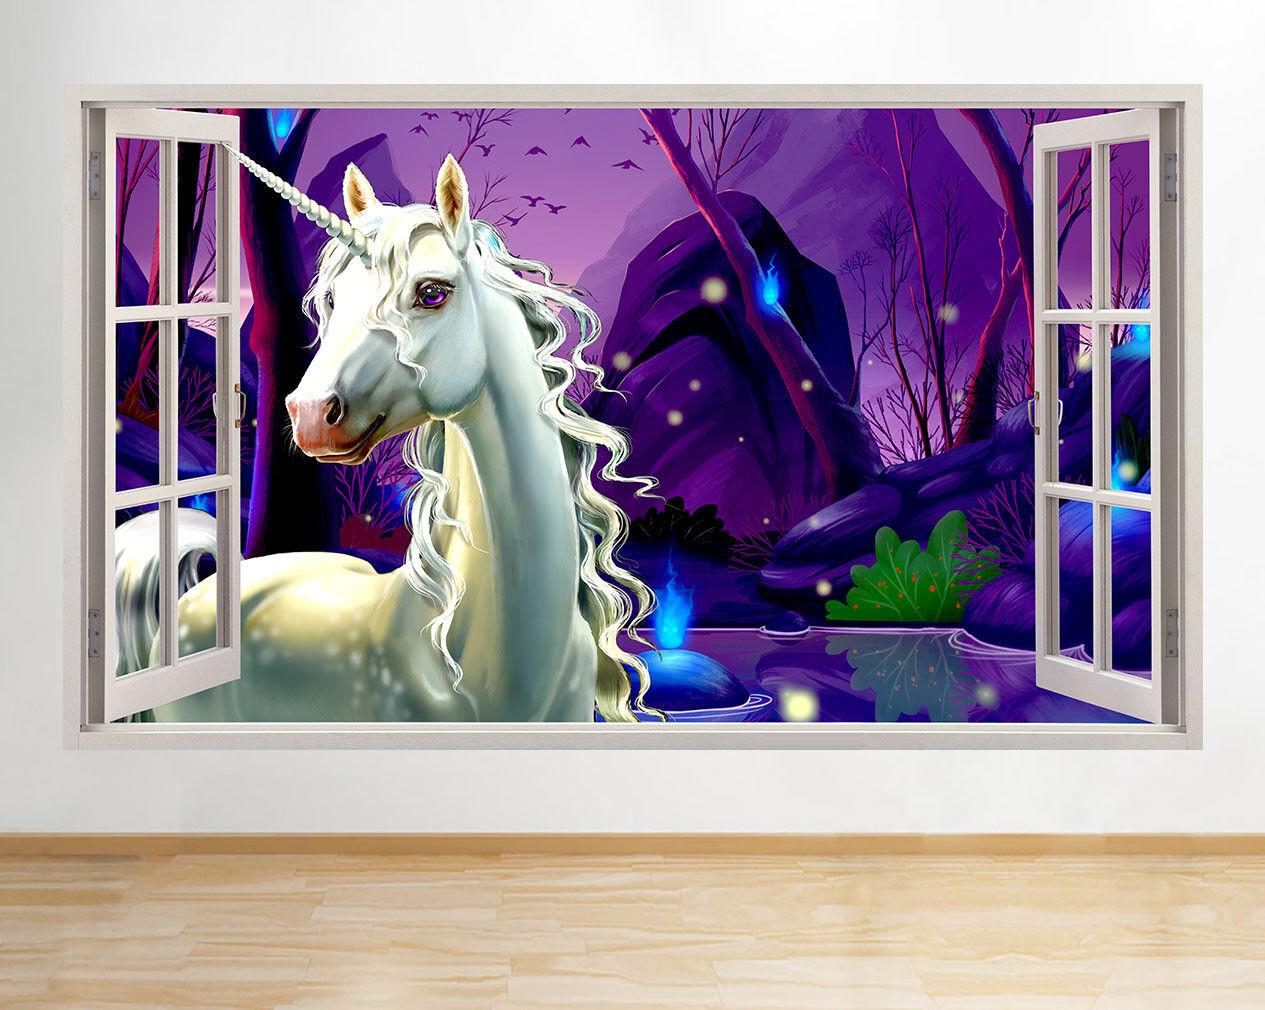 M513 Licorne Filles magie mur fenêtre Cham Autocollant Chambre 3D Vinyle enfants